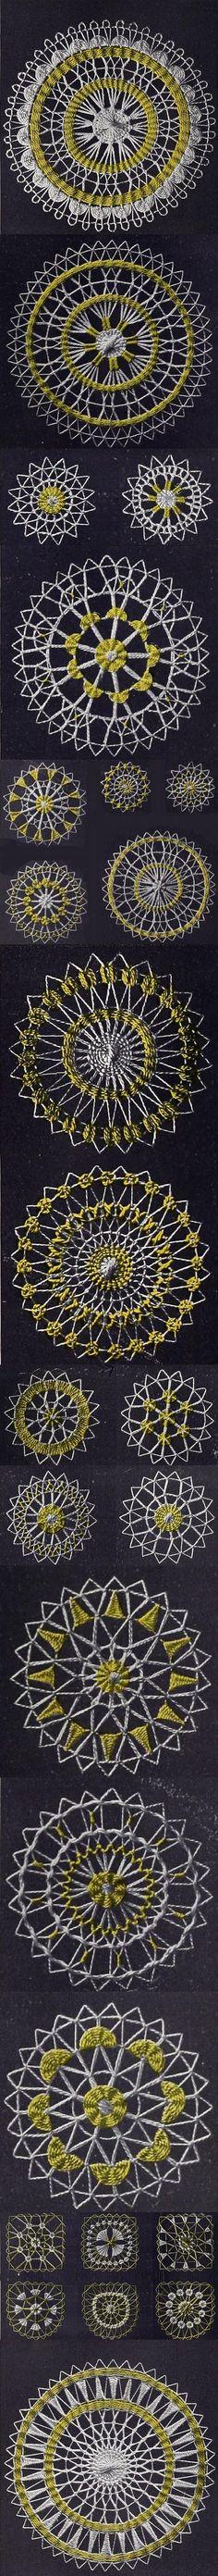 ÑANDUTI O TELA DE ARAÑA: Es un encaje de agujas que se teje sobre bastidores en círculos radiales, bordando motivos geométricos o zoomorfos, en hilo blanco o en vivos colores.